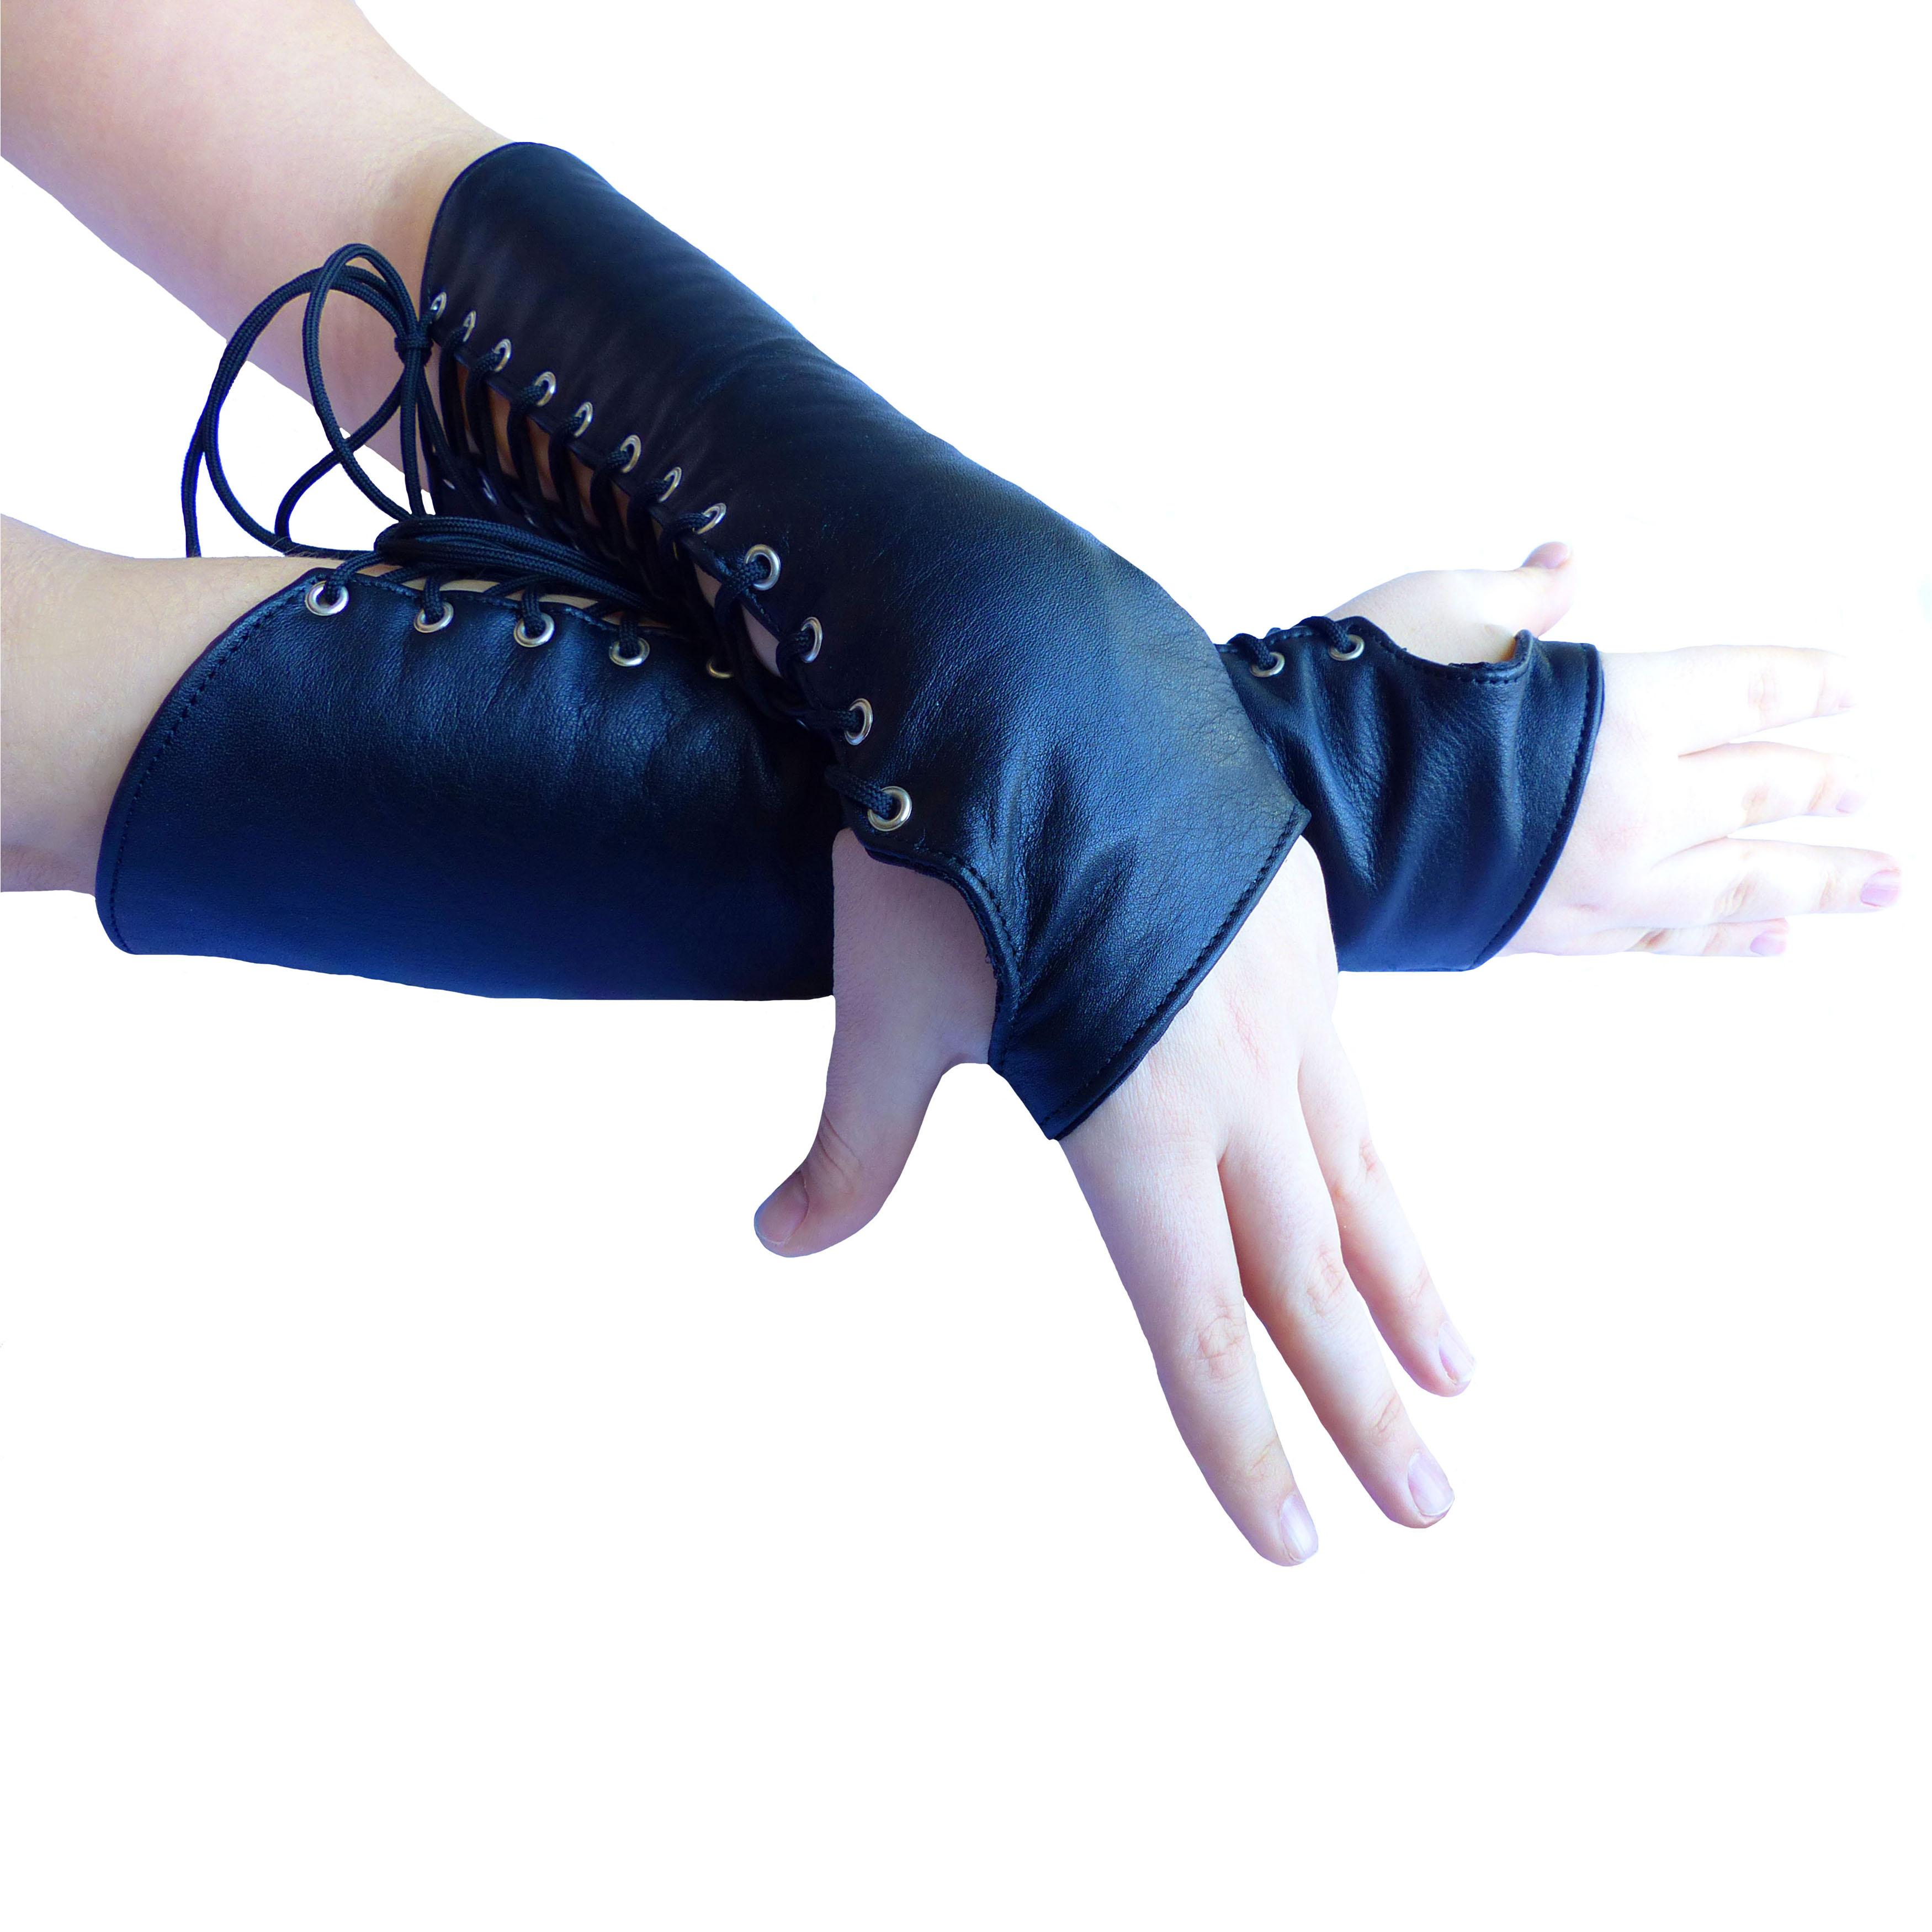 S SCHWARZ Ledapol 102C leder Armstulpen Handschuhe mit Schnürung Futter Gr